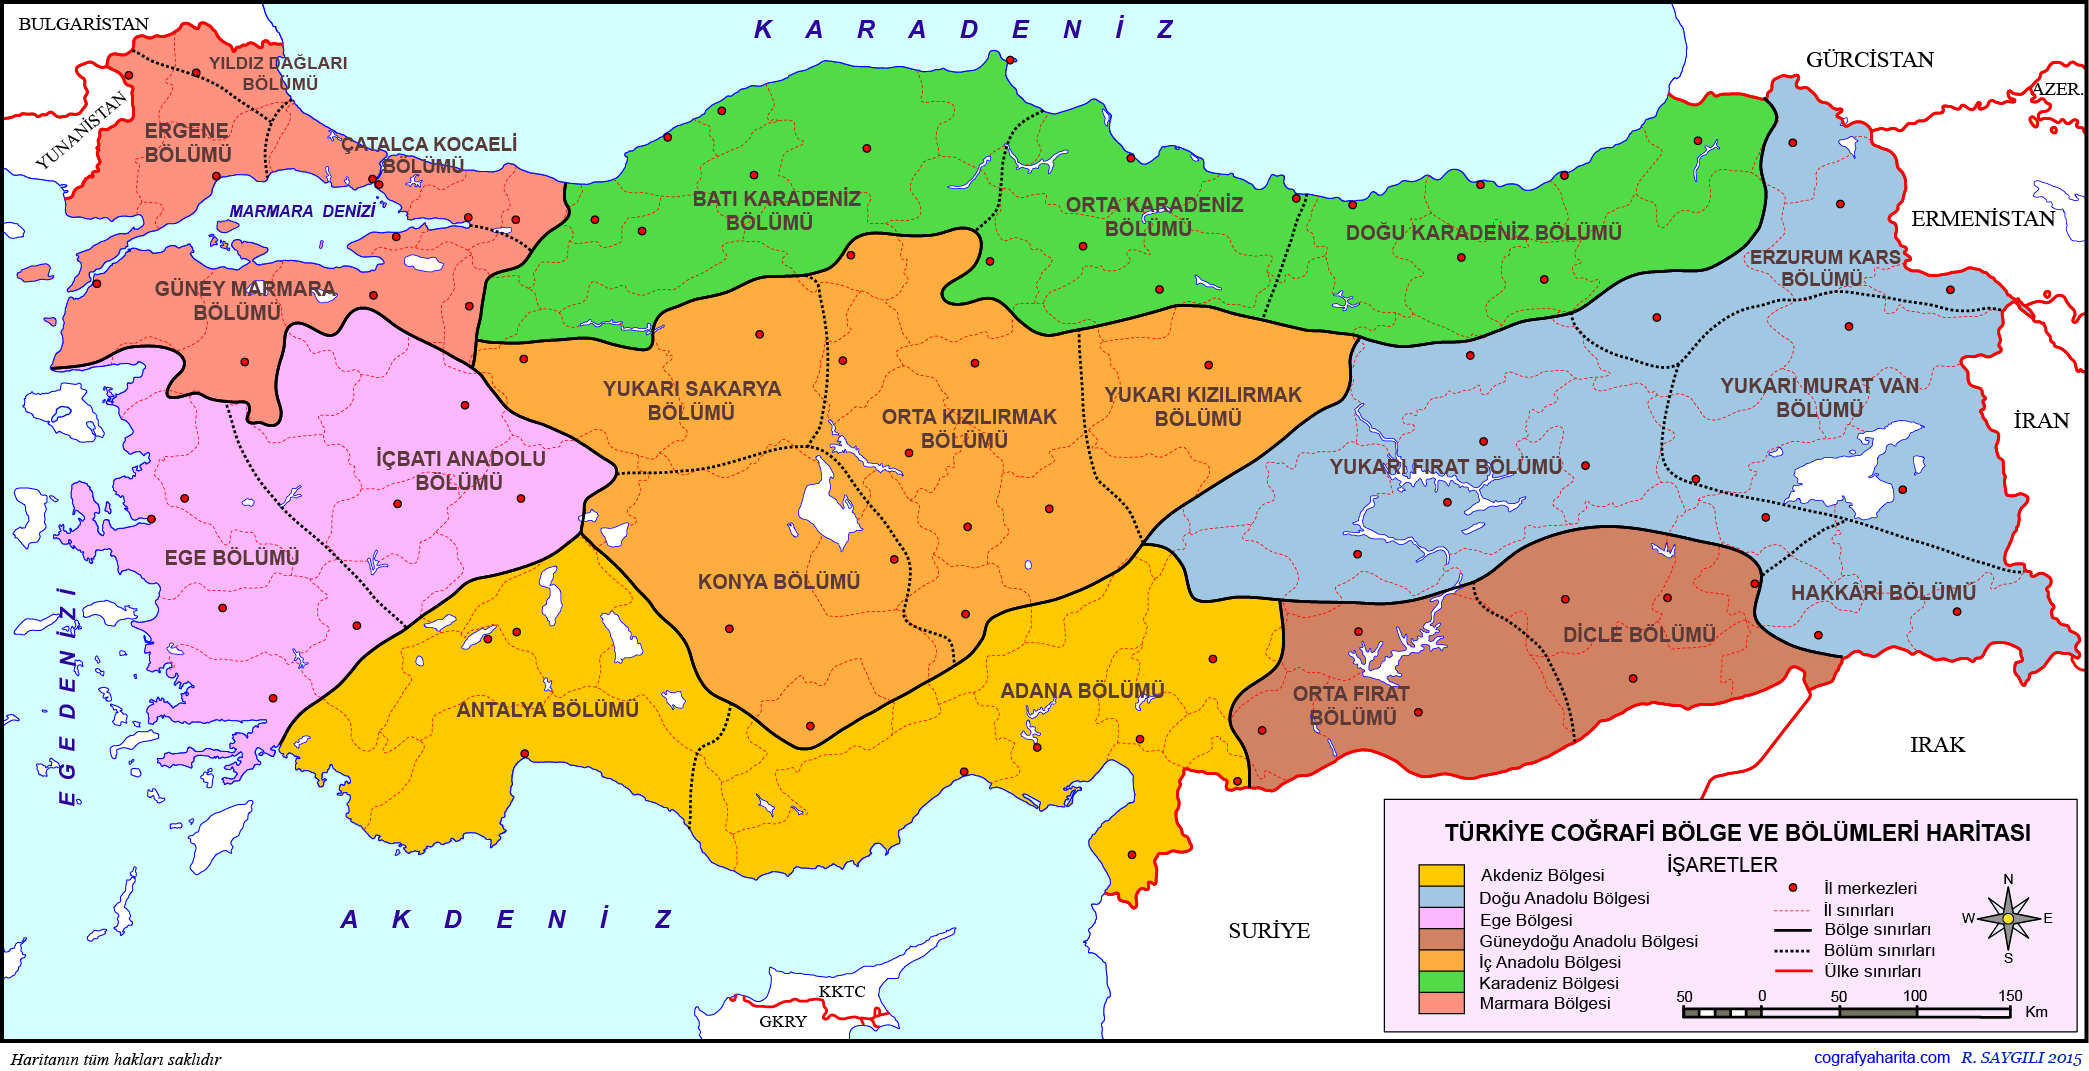 Μάρκος Τρούλης: Η Τουρκία σε στρατηγικό μεταίχμιο, μεταξύ Δύσης και Ανατολής